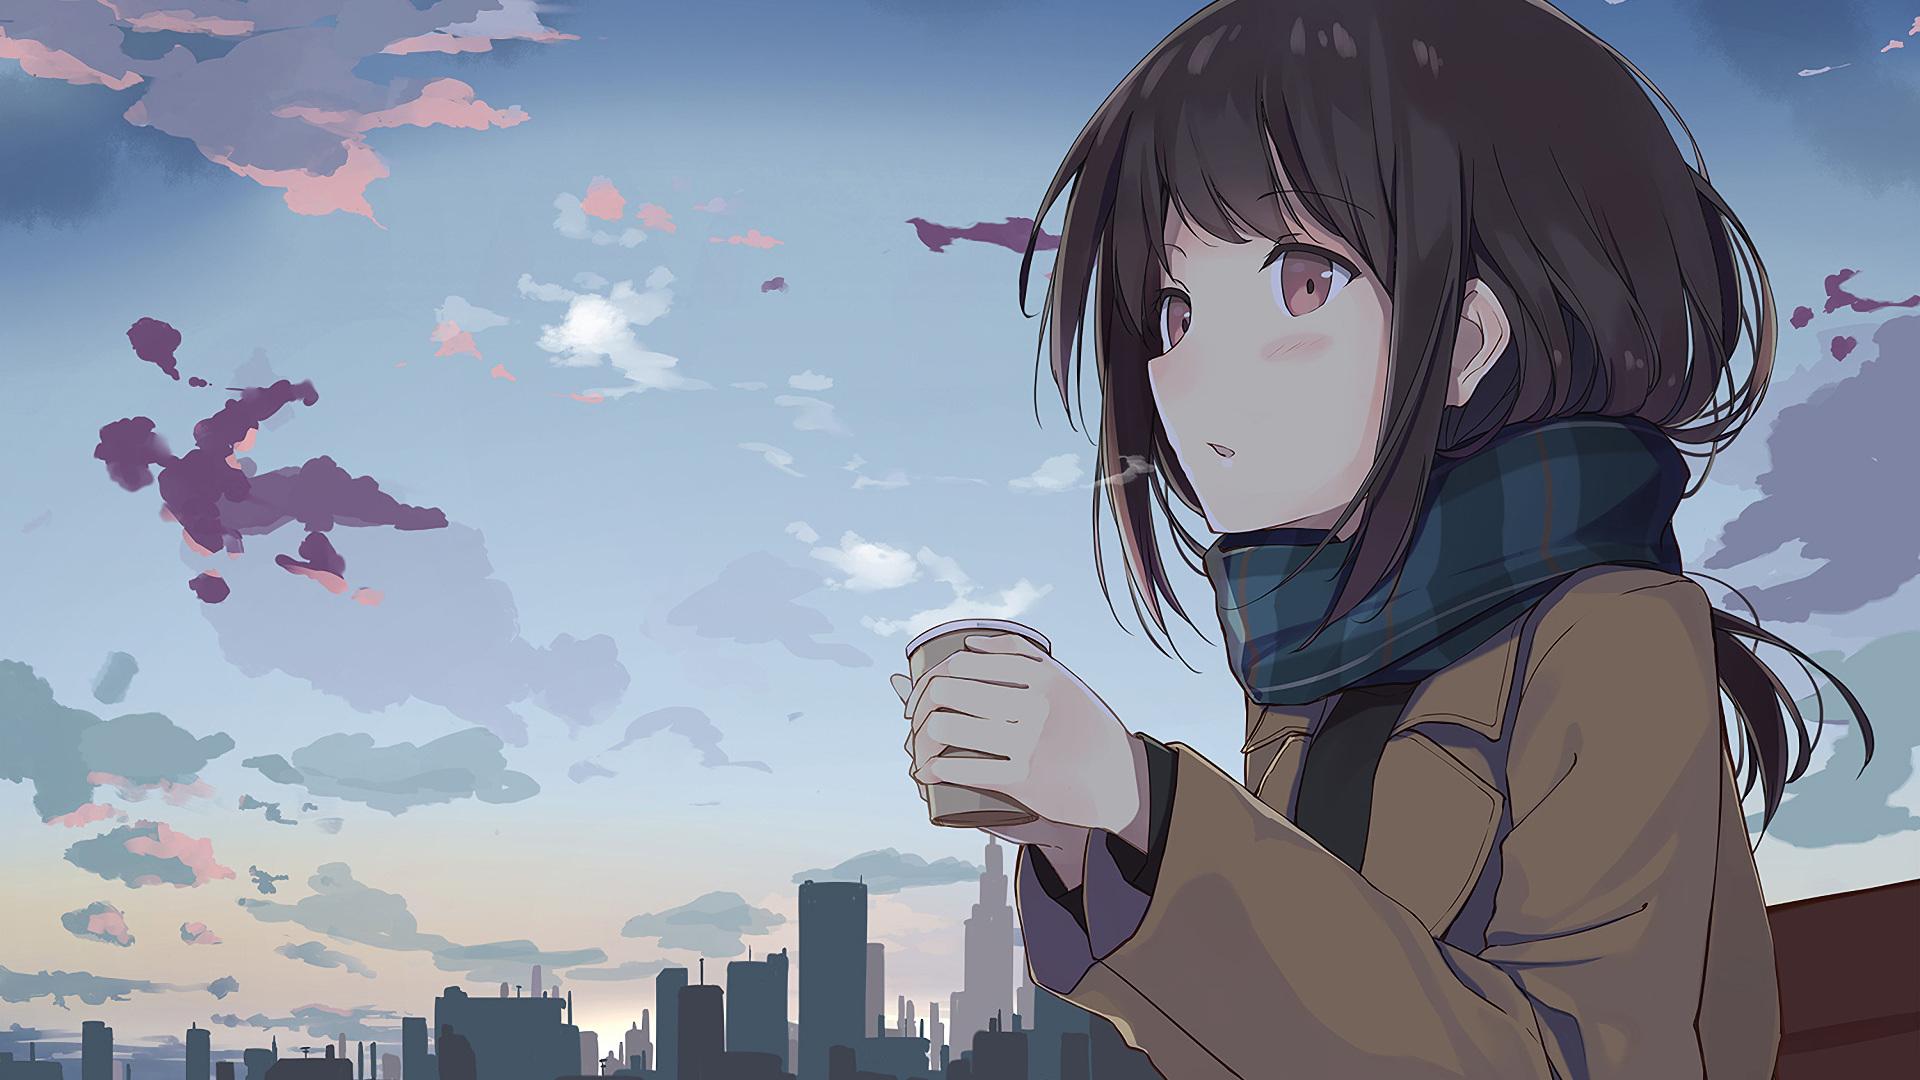 Anime Girls Headphones And Radio 1920x1080 Wallpaper 1920x1080 Anime Girl Holding Tea Outside Laptop Full Hd